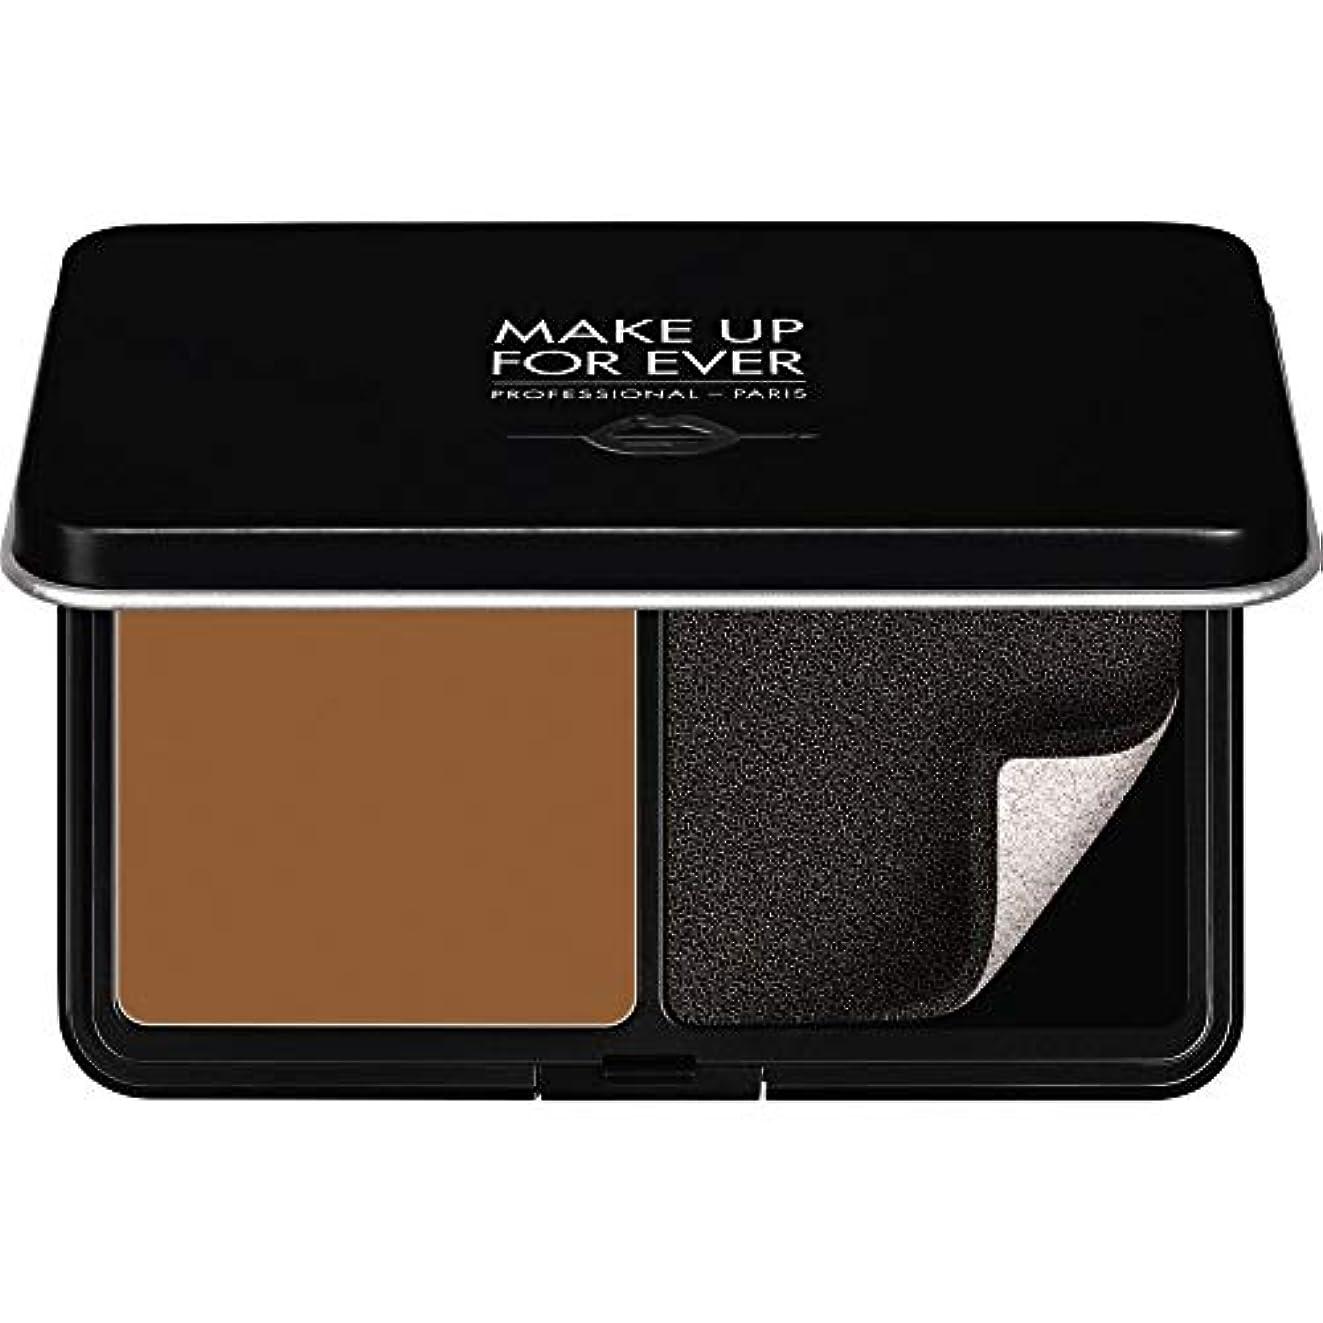 自治政権職人[MAKE UP FOR EVER] パウダーファンデーション11GののR520をぼかし、これまでマットベルベットの肌を補う - シナモン - MAKE UP FOR EVER Matte Velvet Skin Blurring...